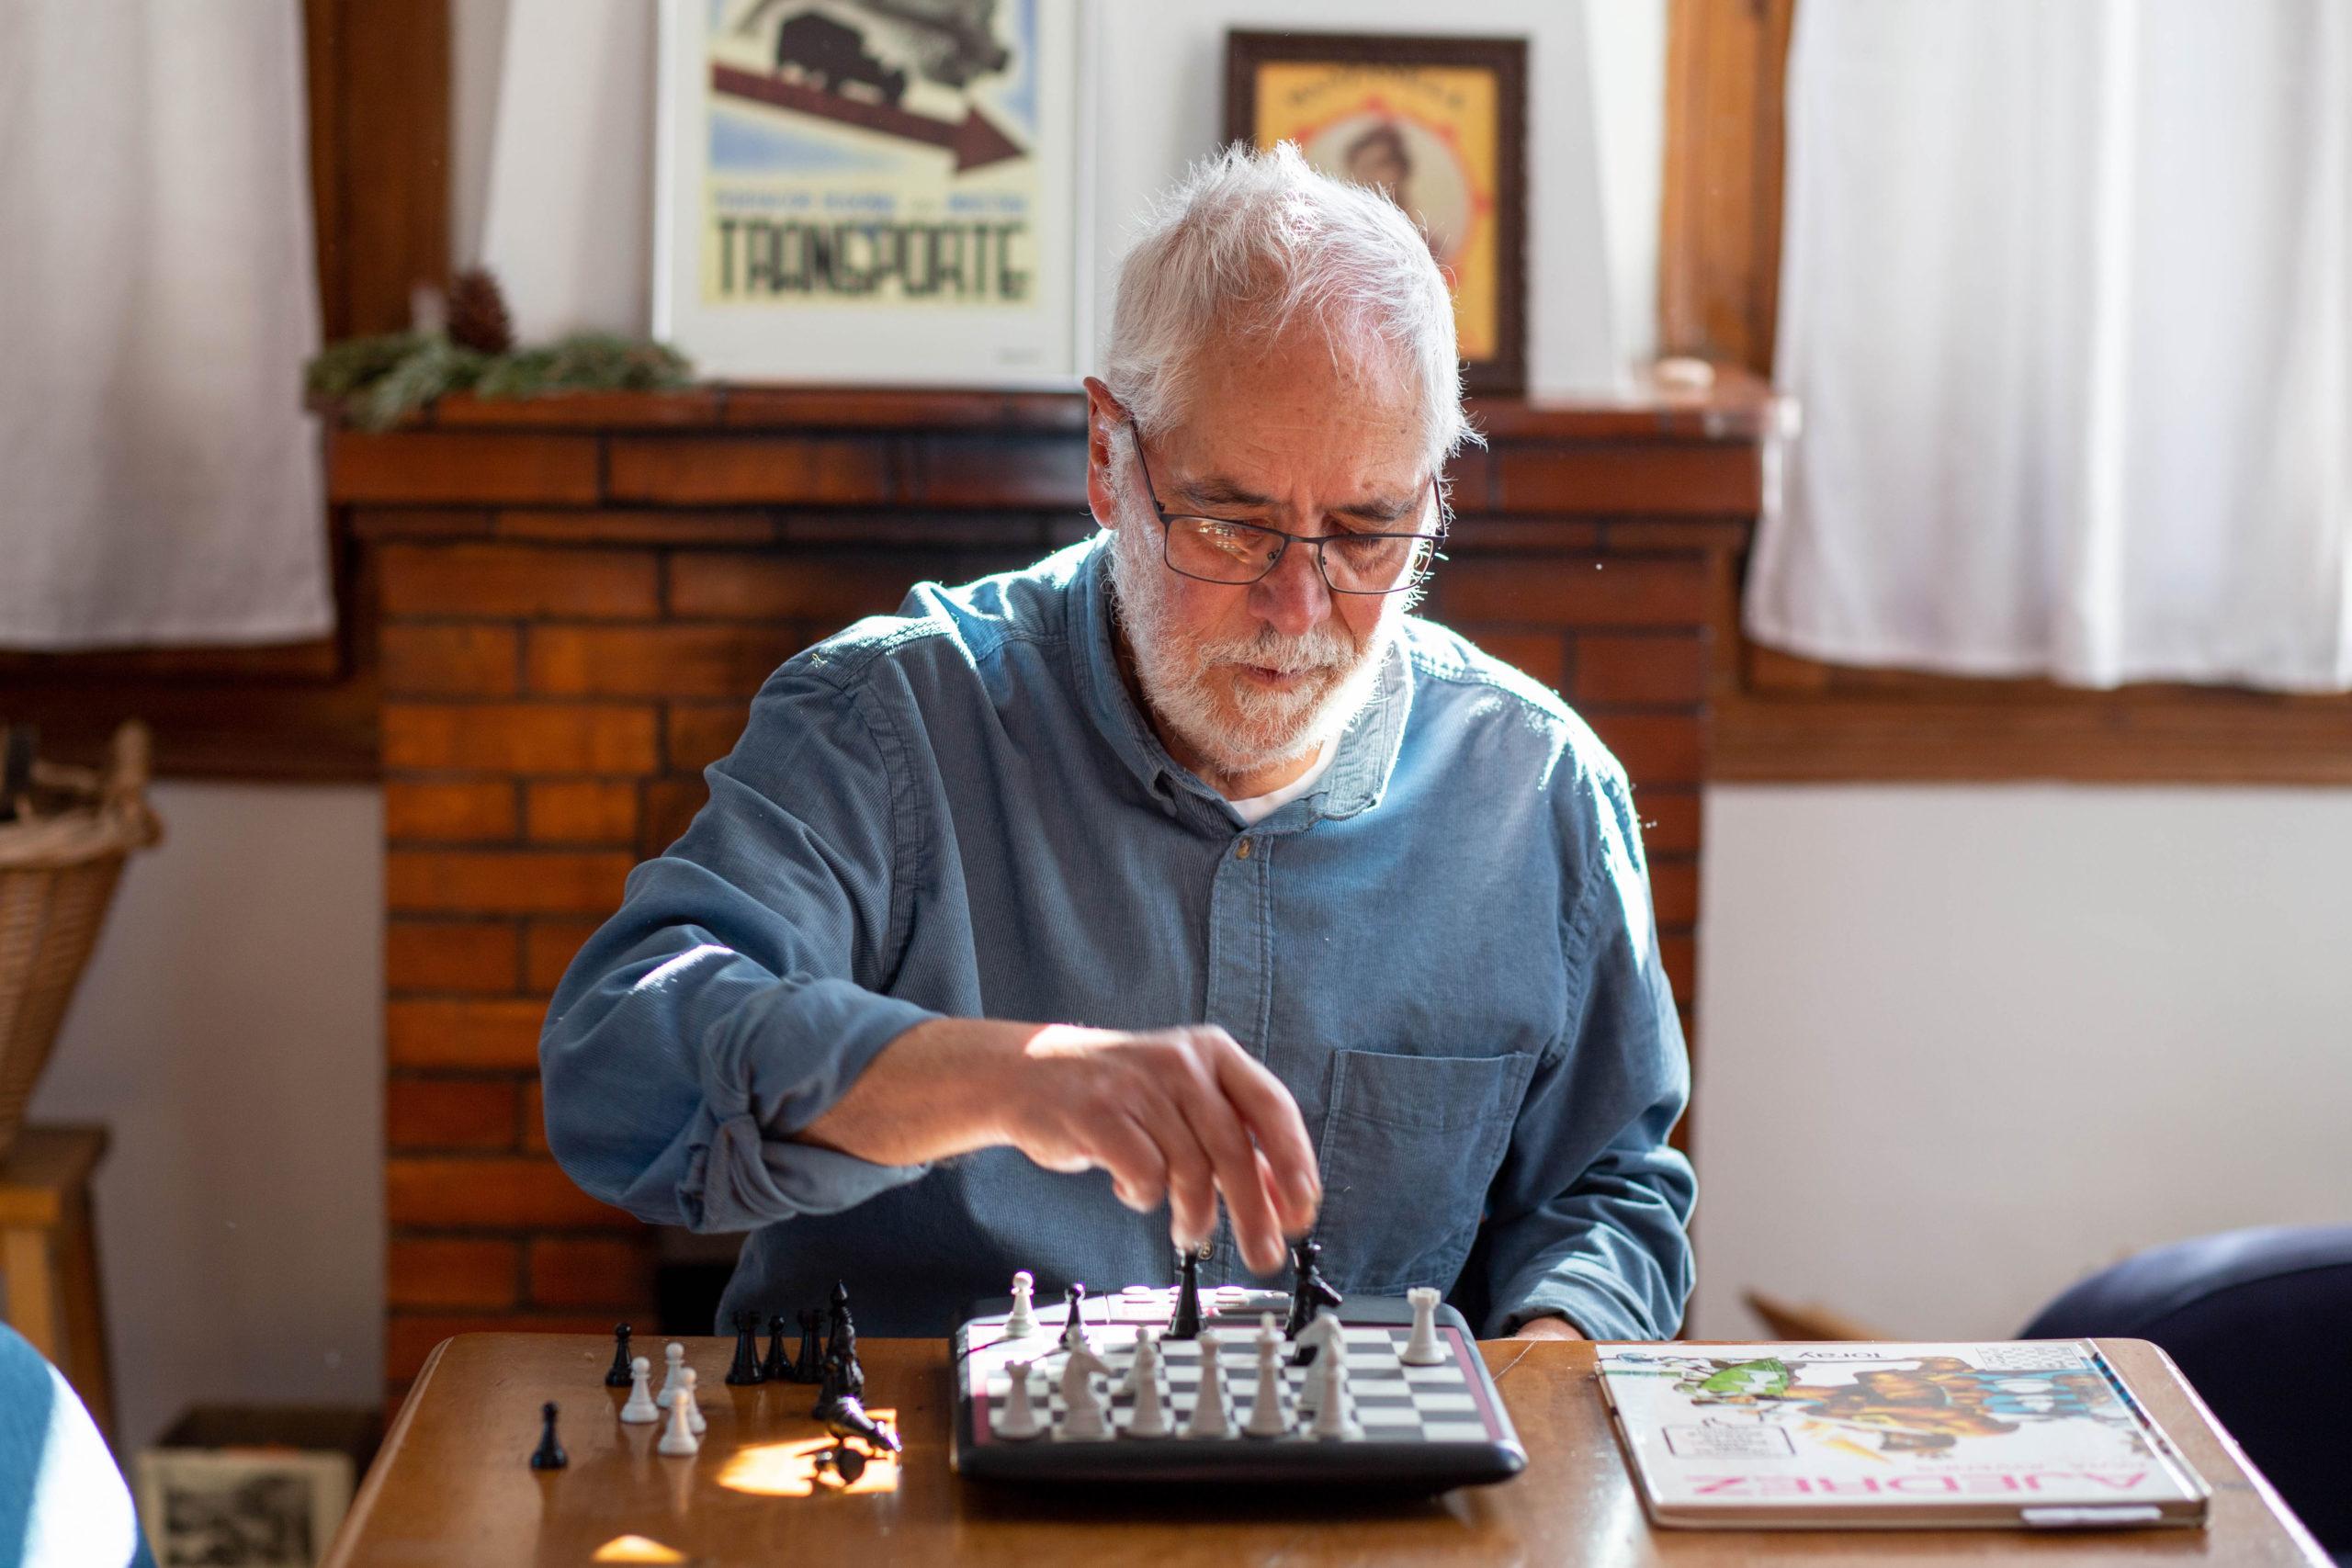 Home assegut al menjador de casa jugant als escacs